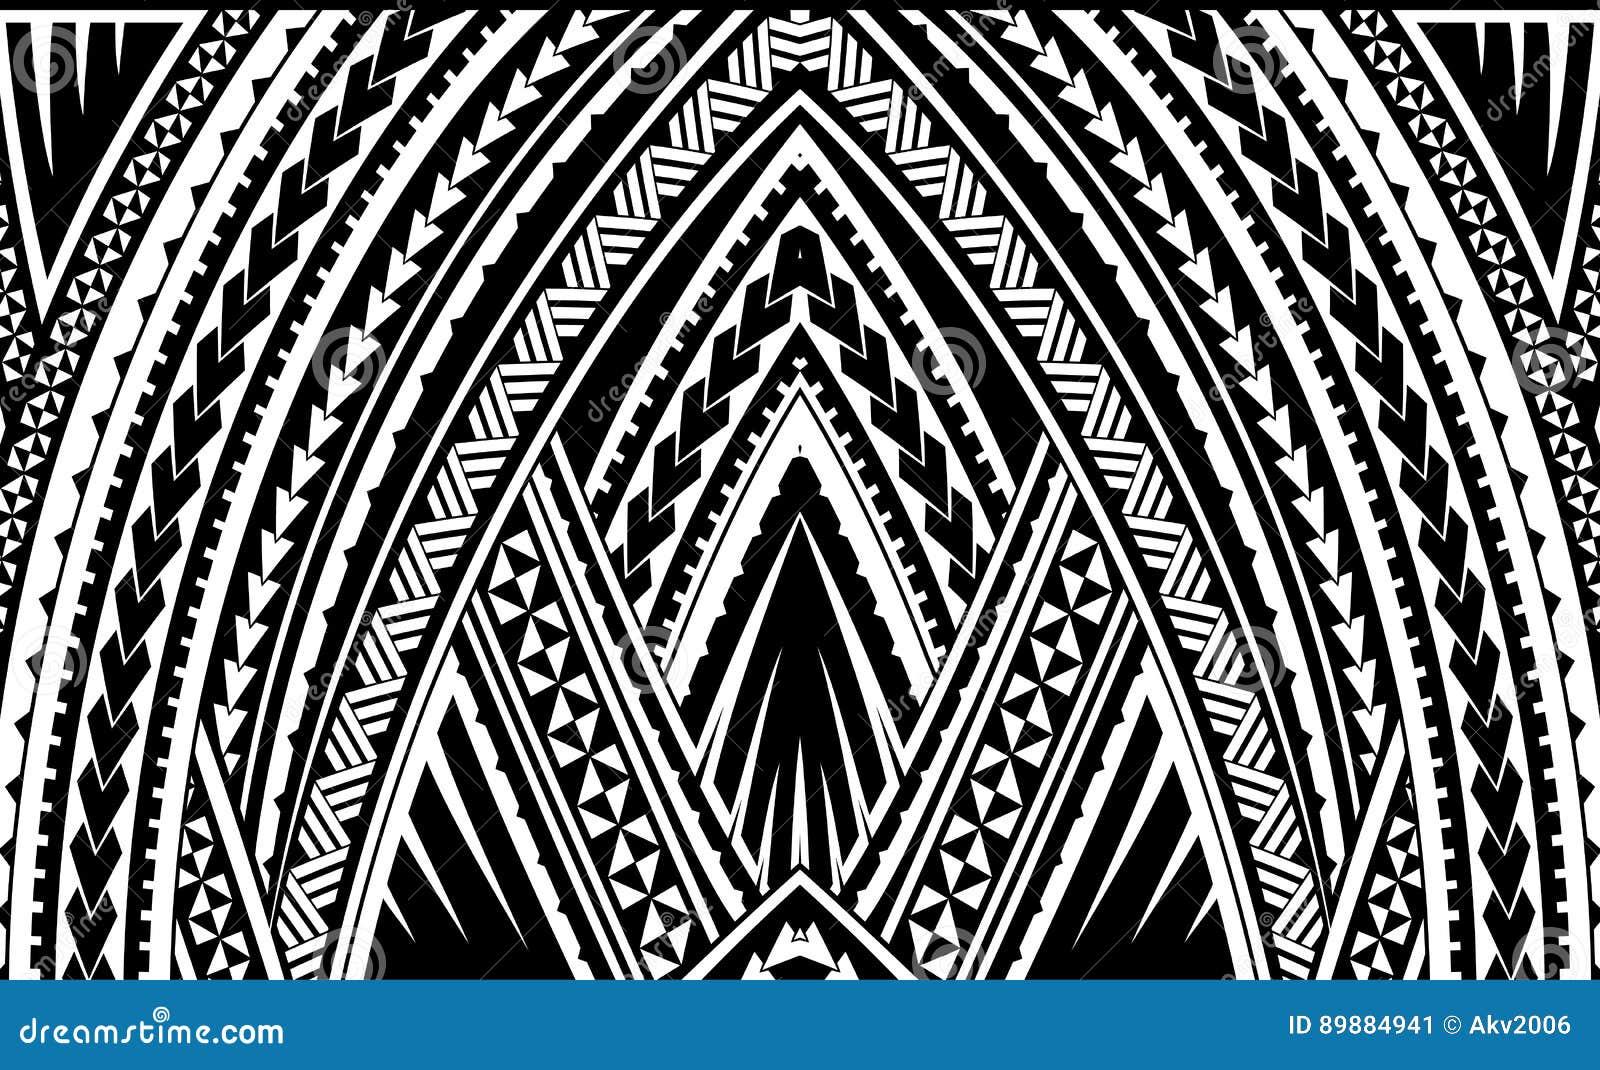 Samoa Tribal Ornament Stock Vector Illustration Of Design 89884941